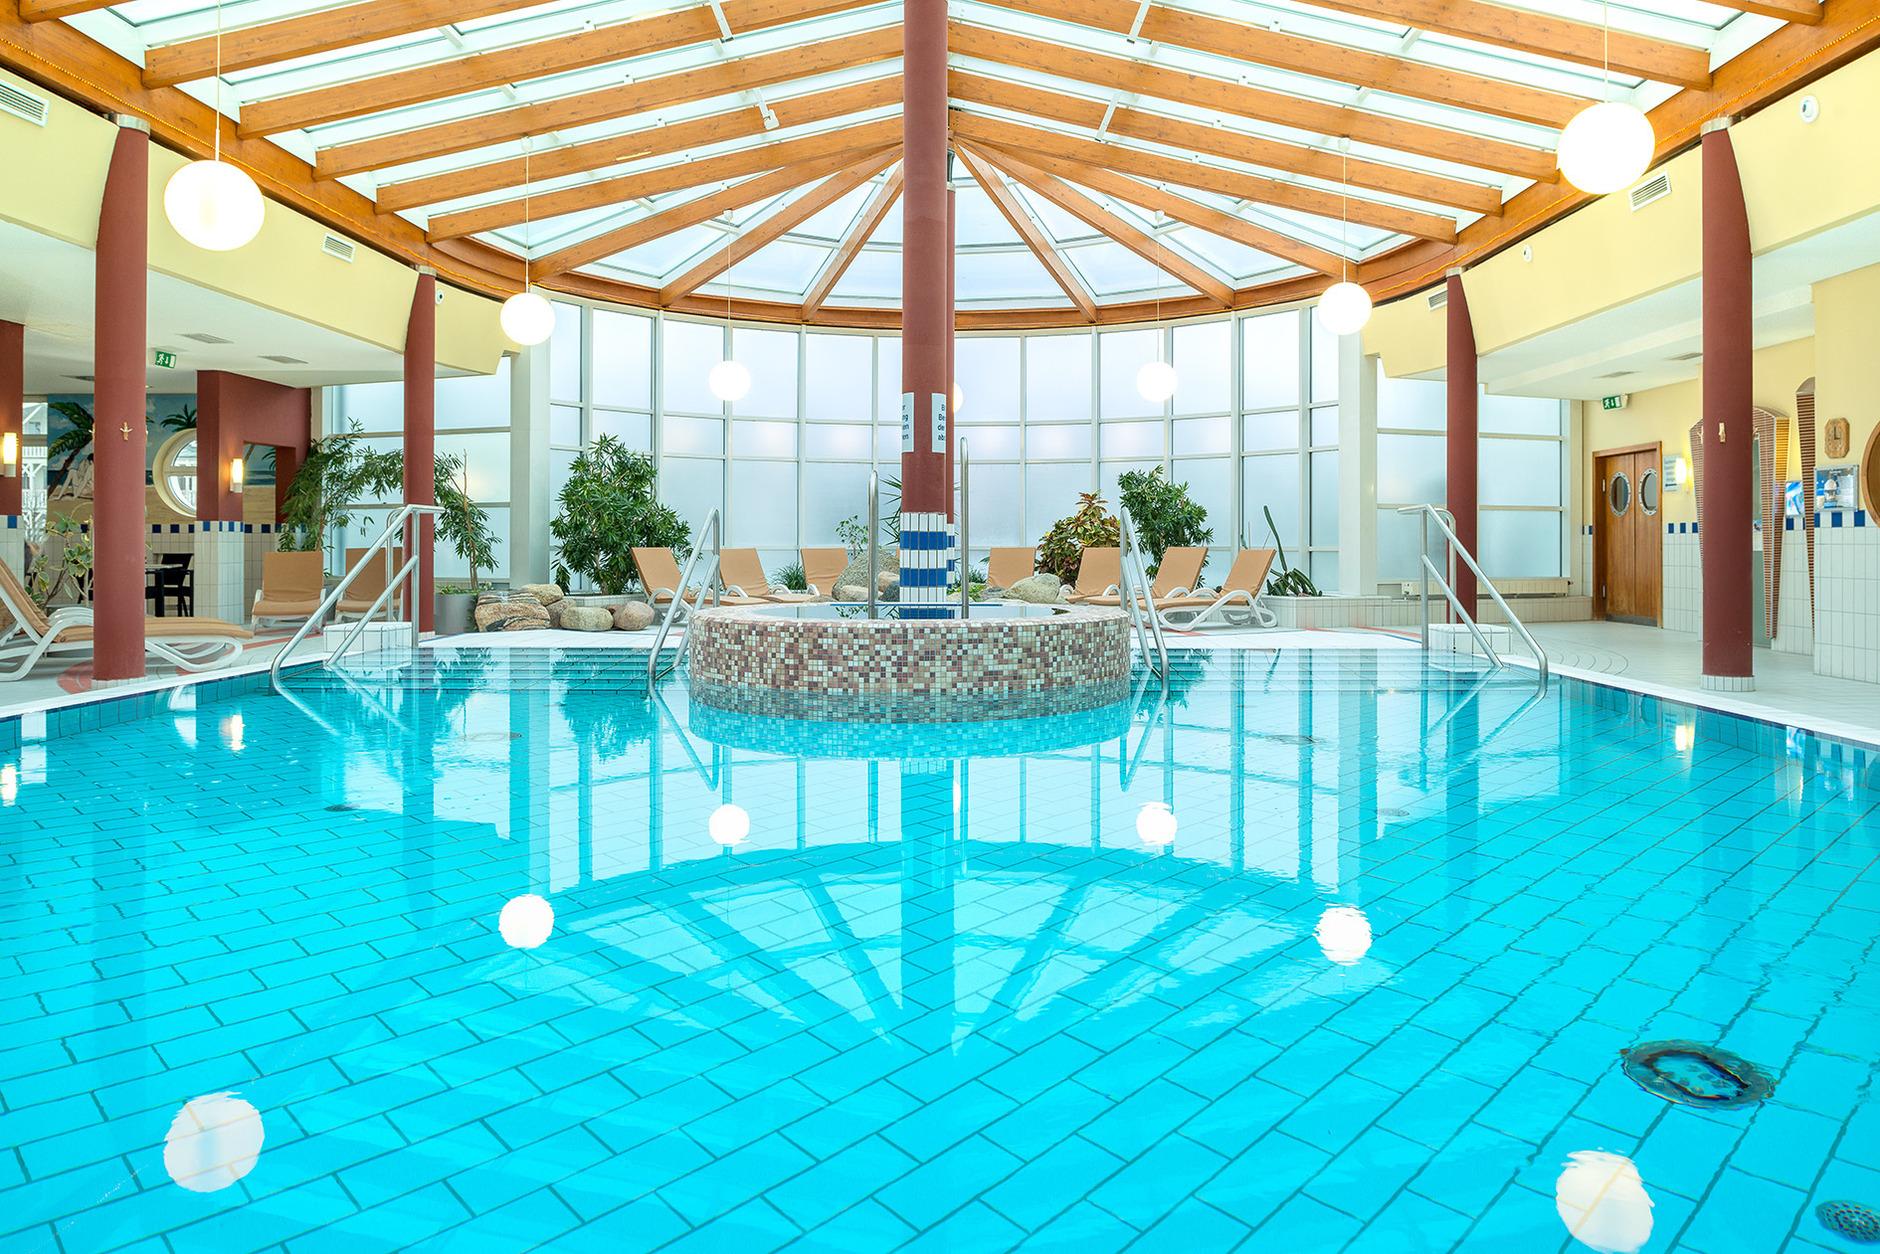 Ferienwohnung Südstrand ,Meerblick Schwimmbadnutzung, 2 Räder inklusive,Sauna (2568190), Göhren, Rügen, Mecklenburg-Vorpommern, Deutschland, Bild 2